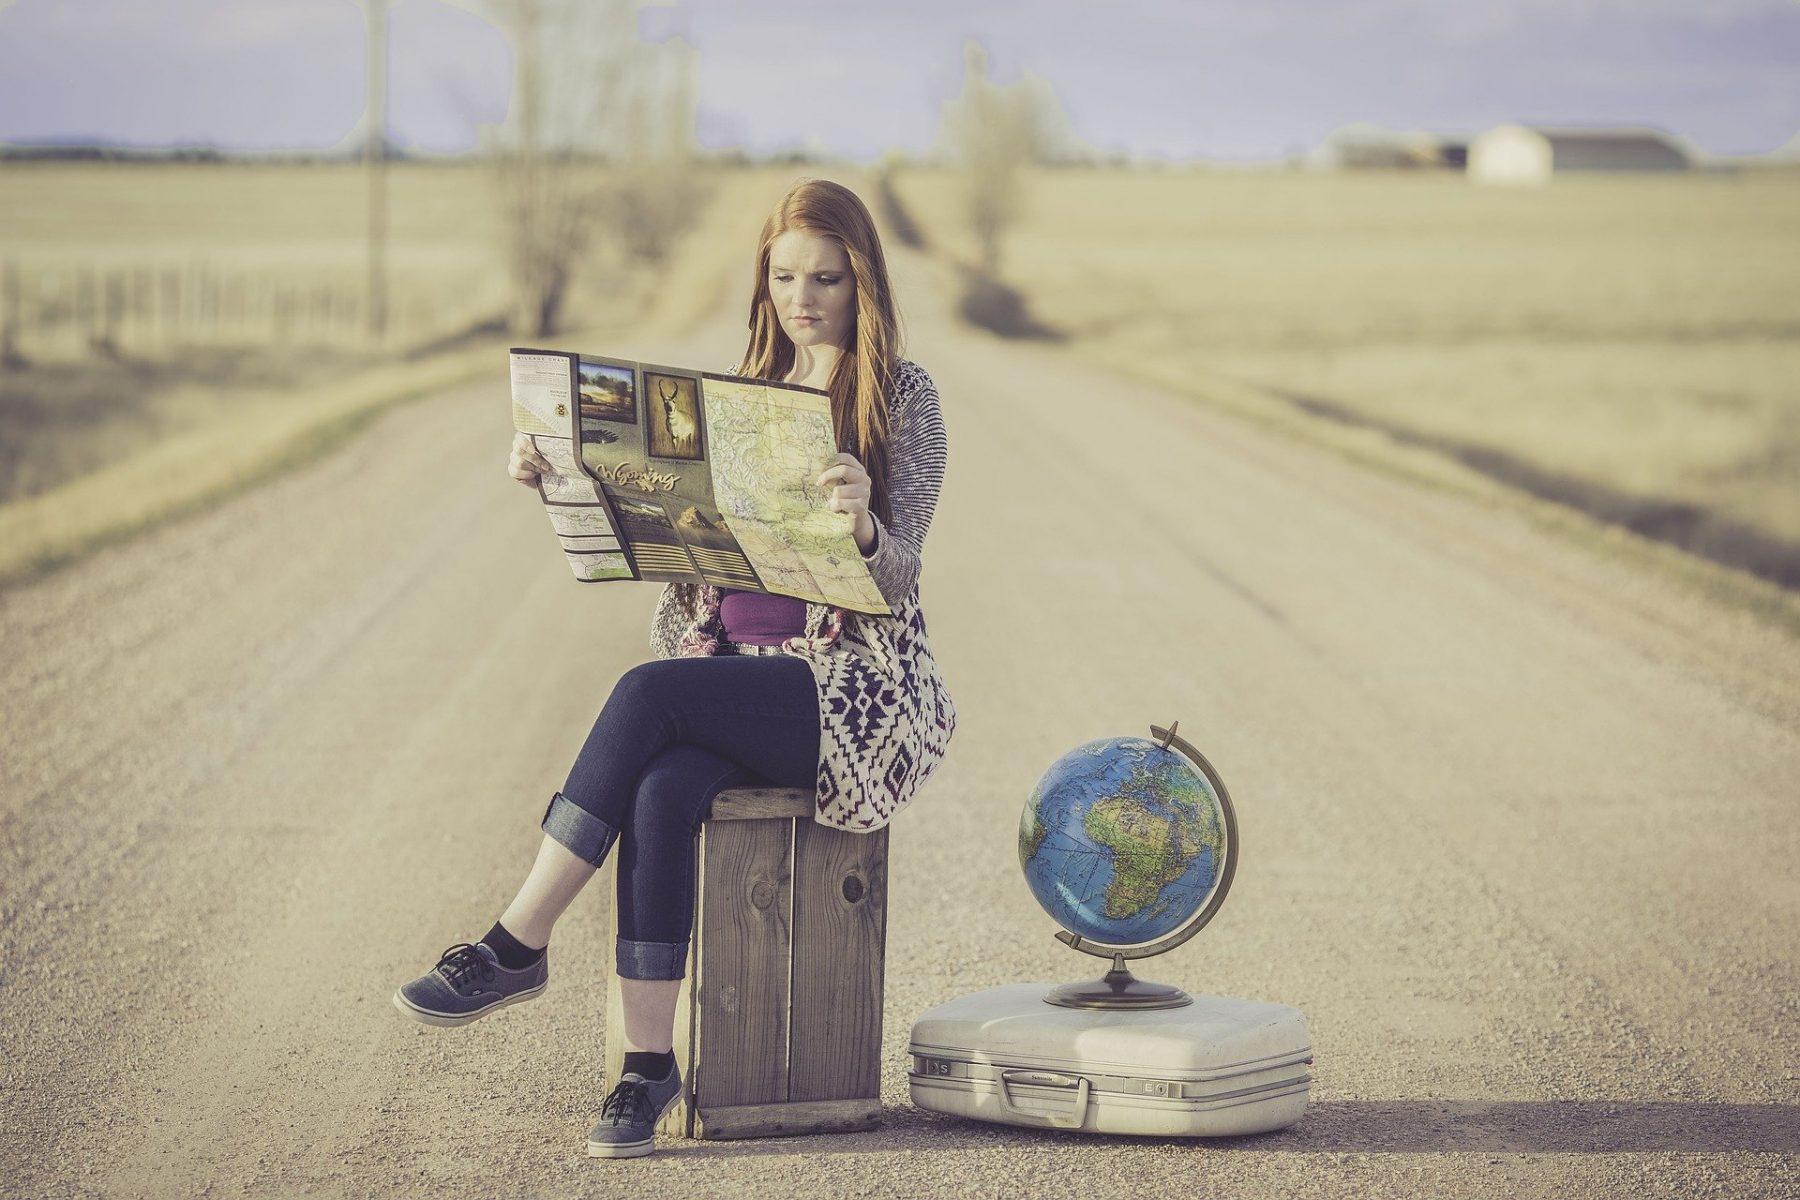 Ταξίδια: Ταξιδέψτε για να χαλαρώσετε και όχι για να δείτε αξιοθέατα!